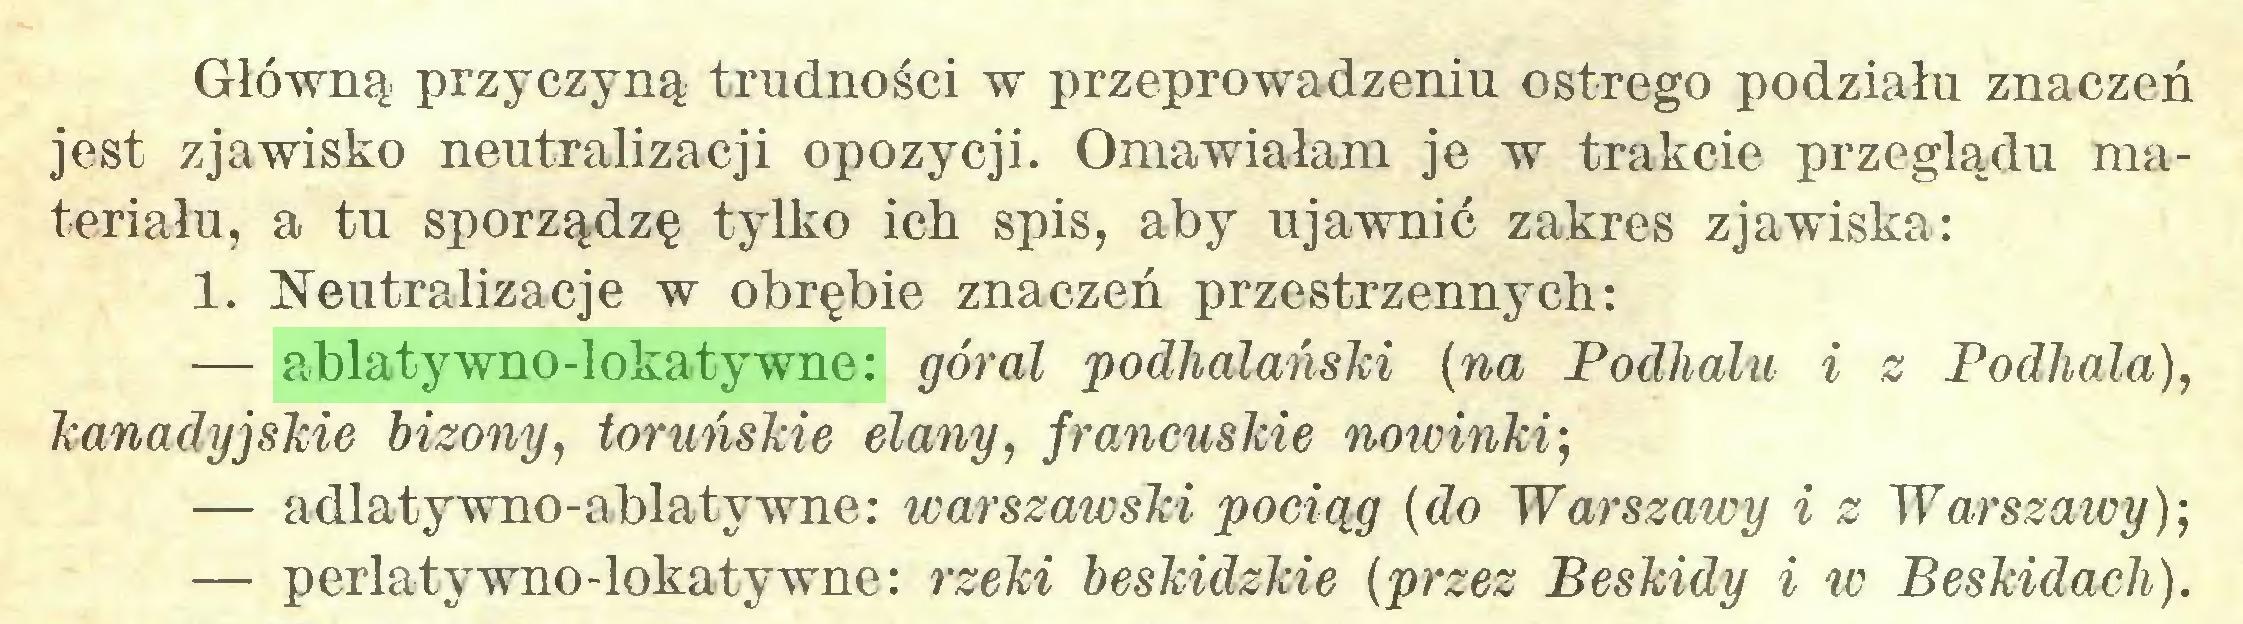 (...) Główną przyczyną trudności w przeprowadzeniu ostrego podziału znaczeń jest zjawisko neutralizacji opozycji. Omawiałam je w trakcie przeglądu materiału, a tu sporządzę tylko ich spis, aby ujawnić zakres zjawiska: 1. Neutralizacje w obrębie znaczeń przestrzennych: — ablatywno-lokatywne: góral podhalański (na Podhalu i z Podhala), kanadyjskie bizony, toruńskie elany, francuskie nowinki; — adlatywno-ablatywne: warszawski pociąg (do Warszawy i z Warszawy); — perlatywno-lokatywne: rzeki beskidzkie (przez Beskidy i w Beskidach)...